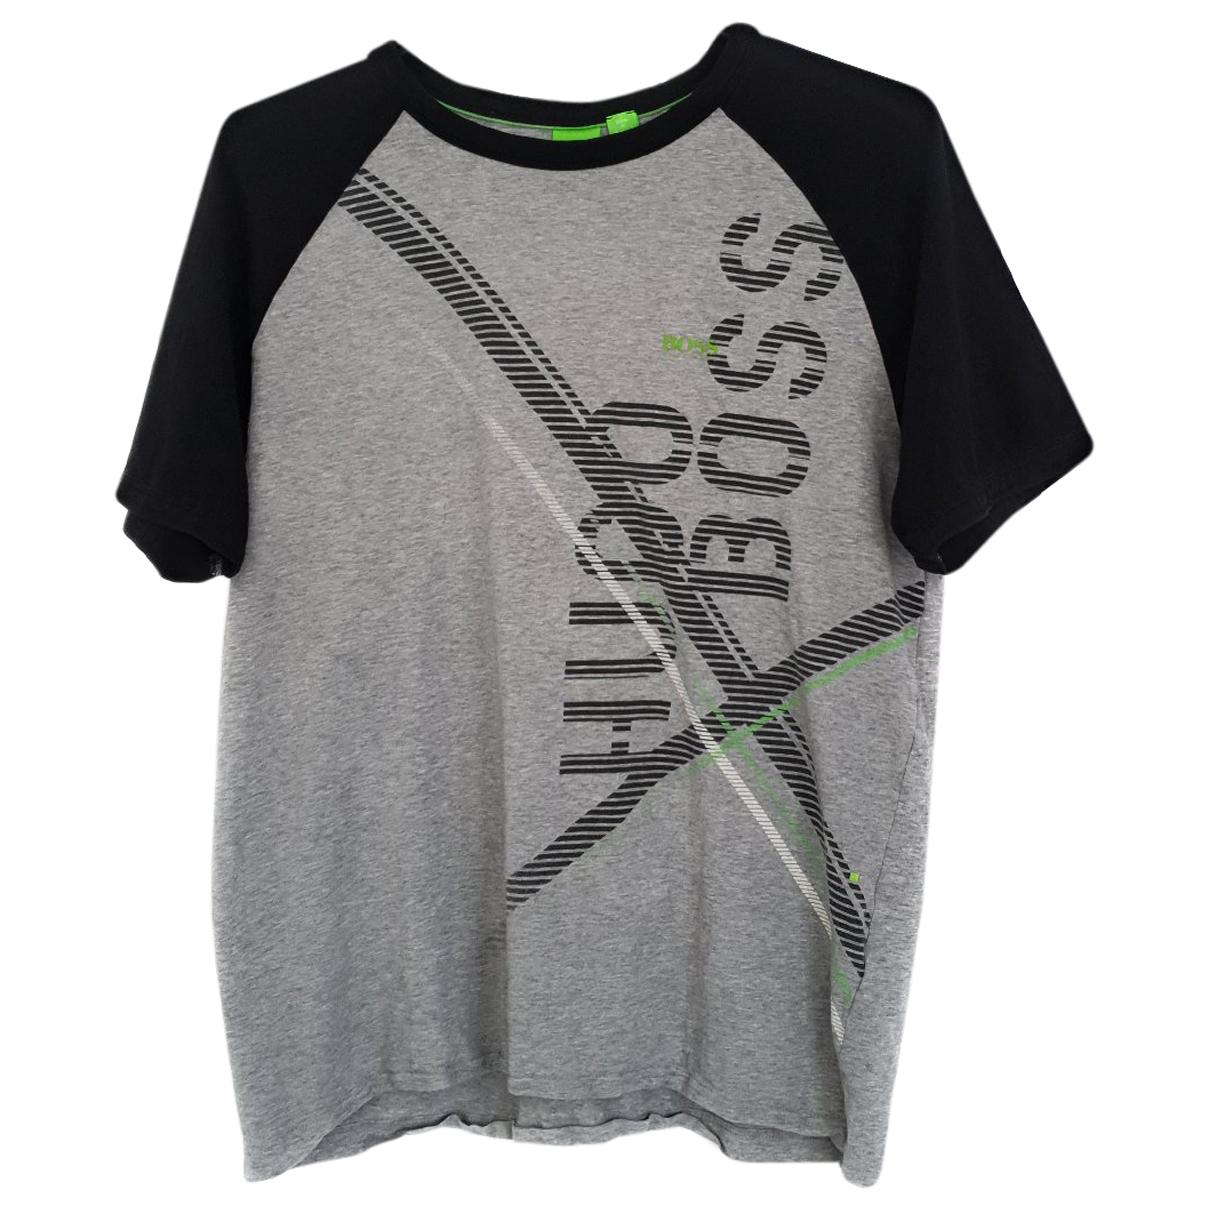 Hugo Boss - Tee shirts   pour homme en coton - gris